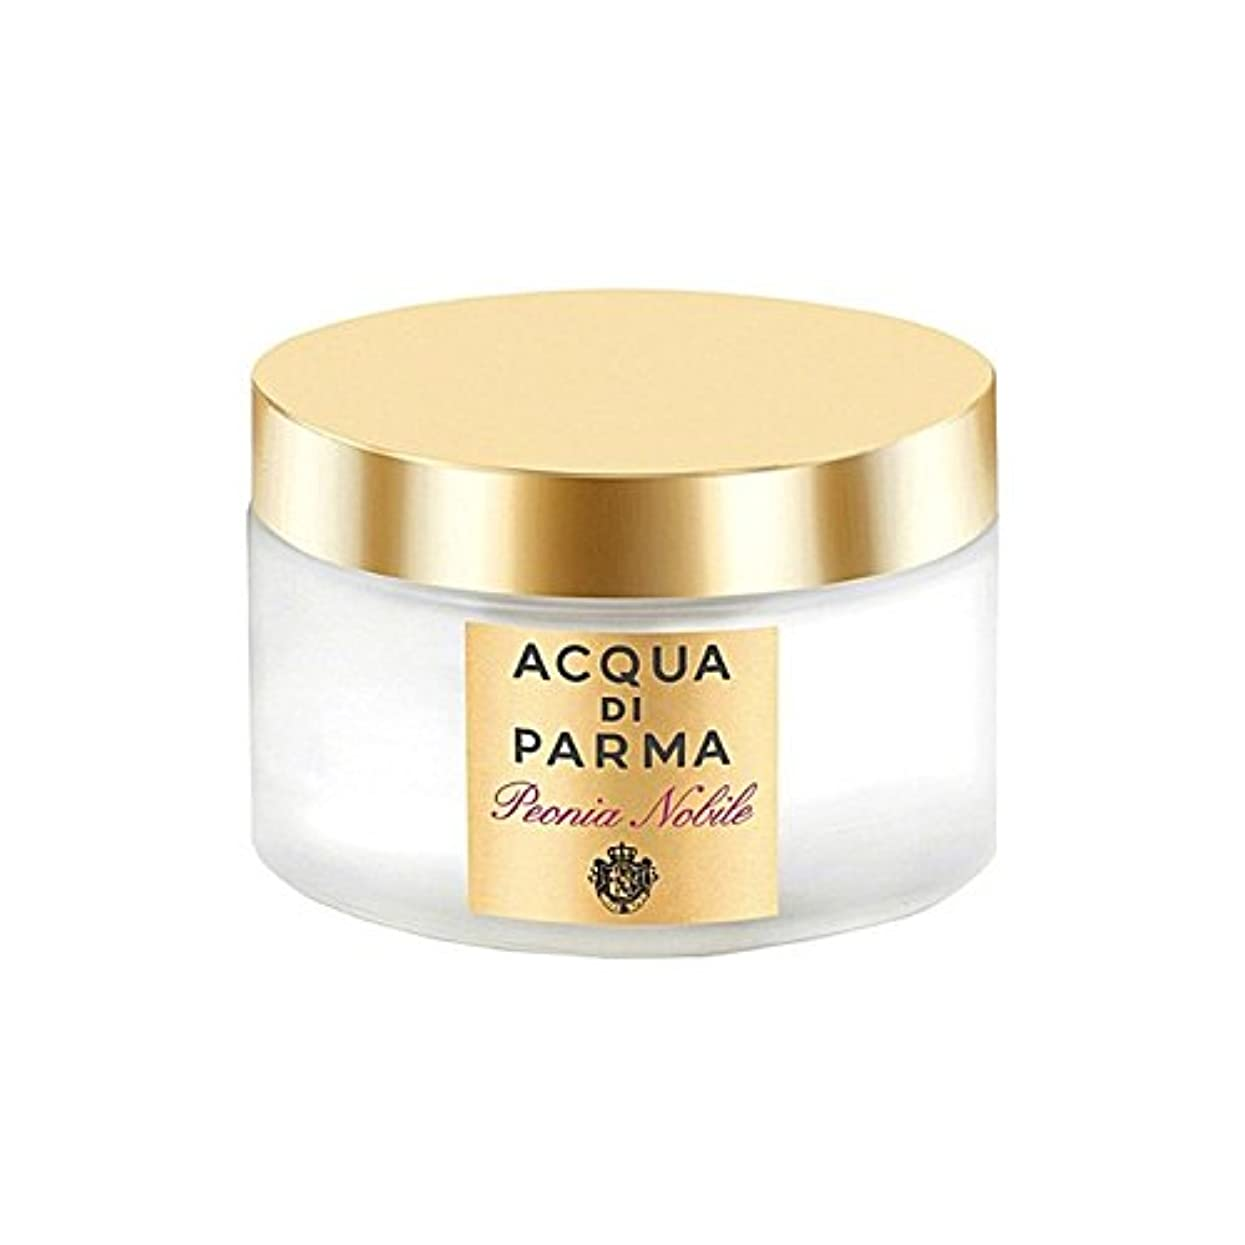 以降連鎖フローティングアクアディパルマノビレボディクリーム150ミリリットル x2 - Acqua Di Parma Peonia Nobile Body Cream 150ml (Pack of 2) [並行輸入品]